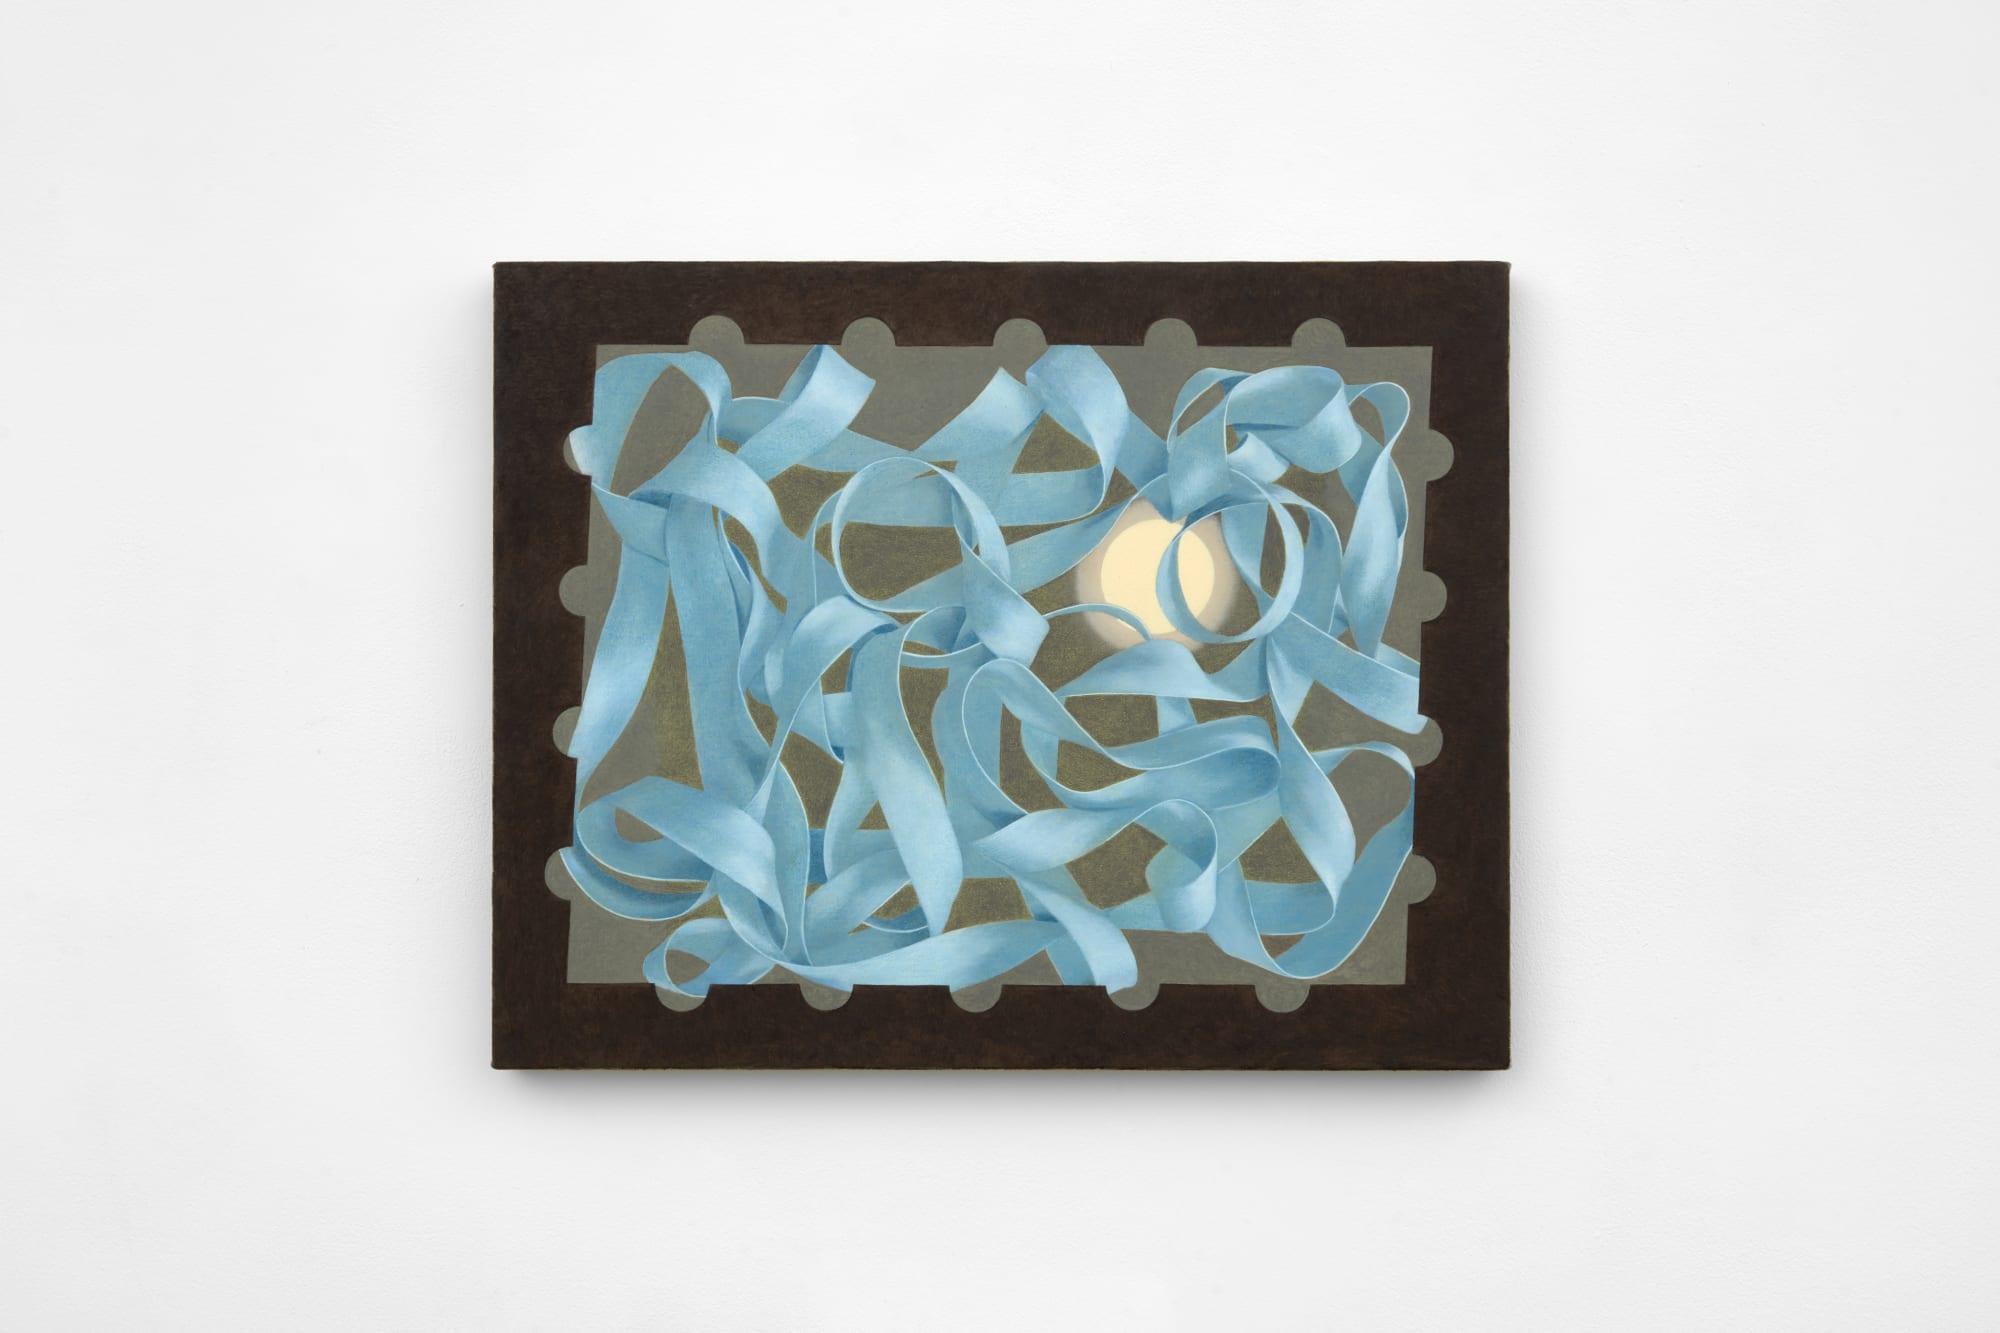 Daniel Sinsel: Untitled